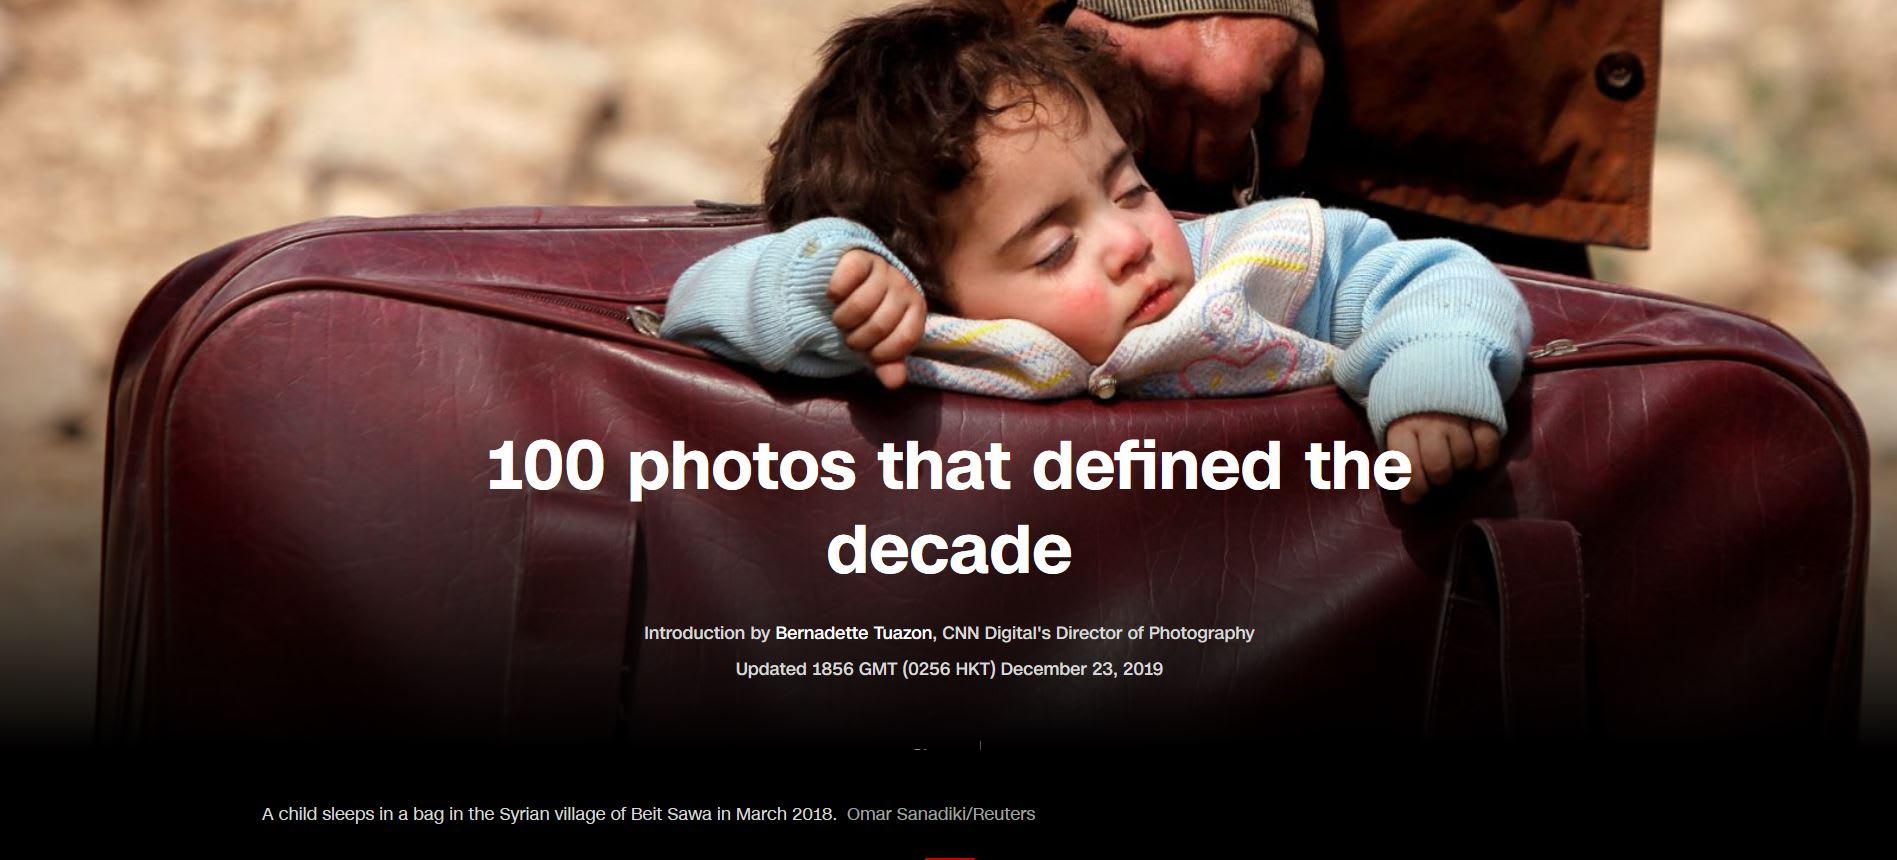 """صورة """"الطفل النائم بالحقيبة"""" التي التقطها عمر لوكالة """"رويترز"""" واختارتها CNN غلافاً لقصة عن 100 صورة تحدد ملامح العقد الأوّل"""